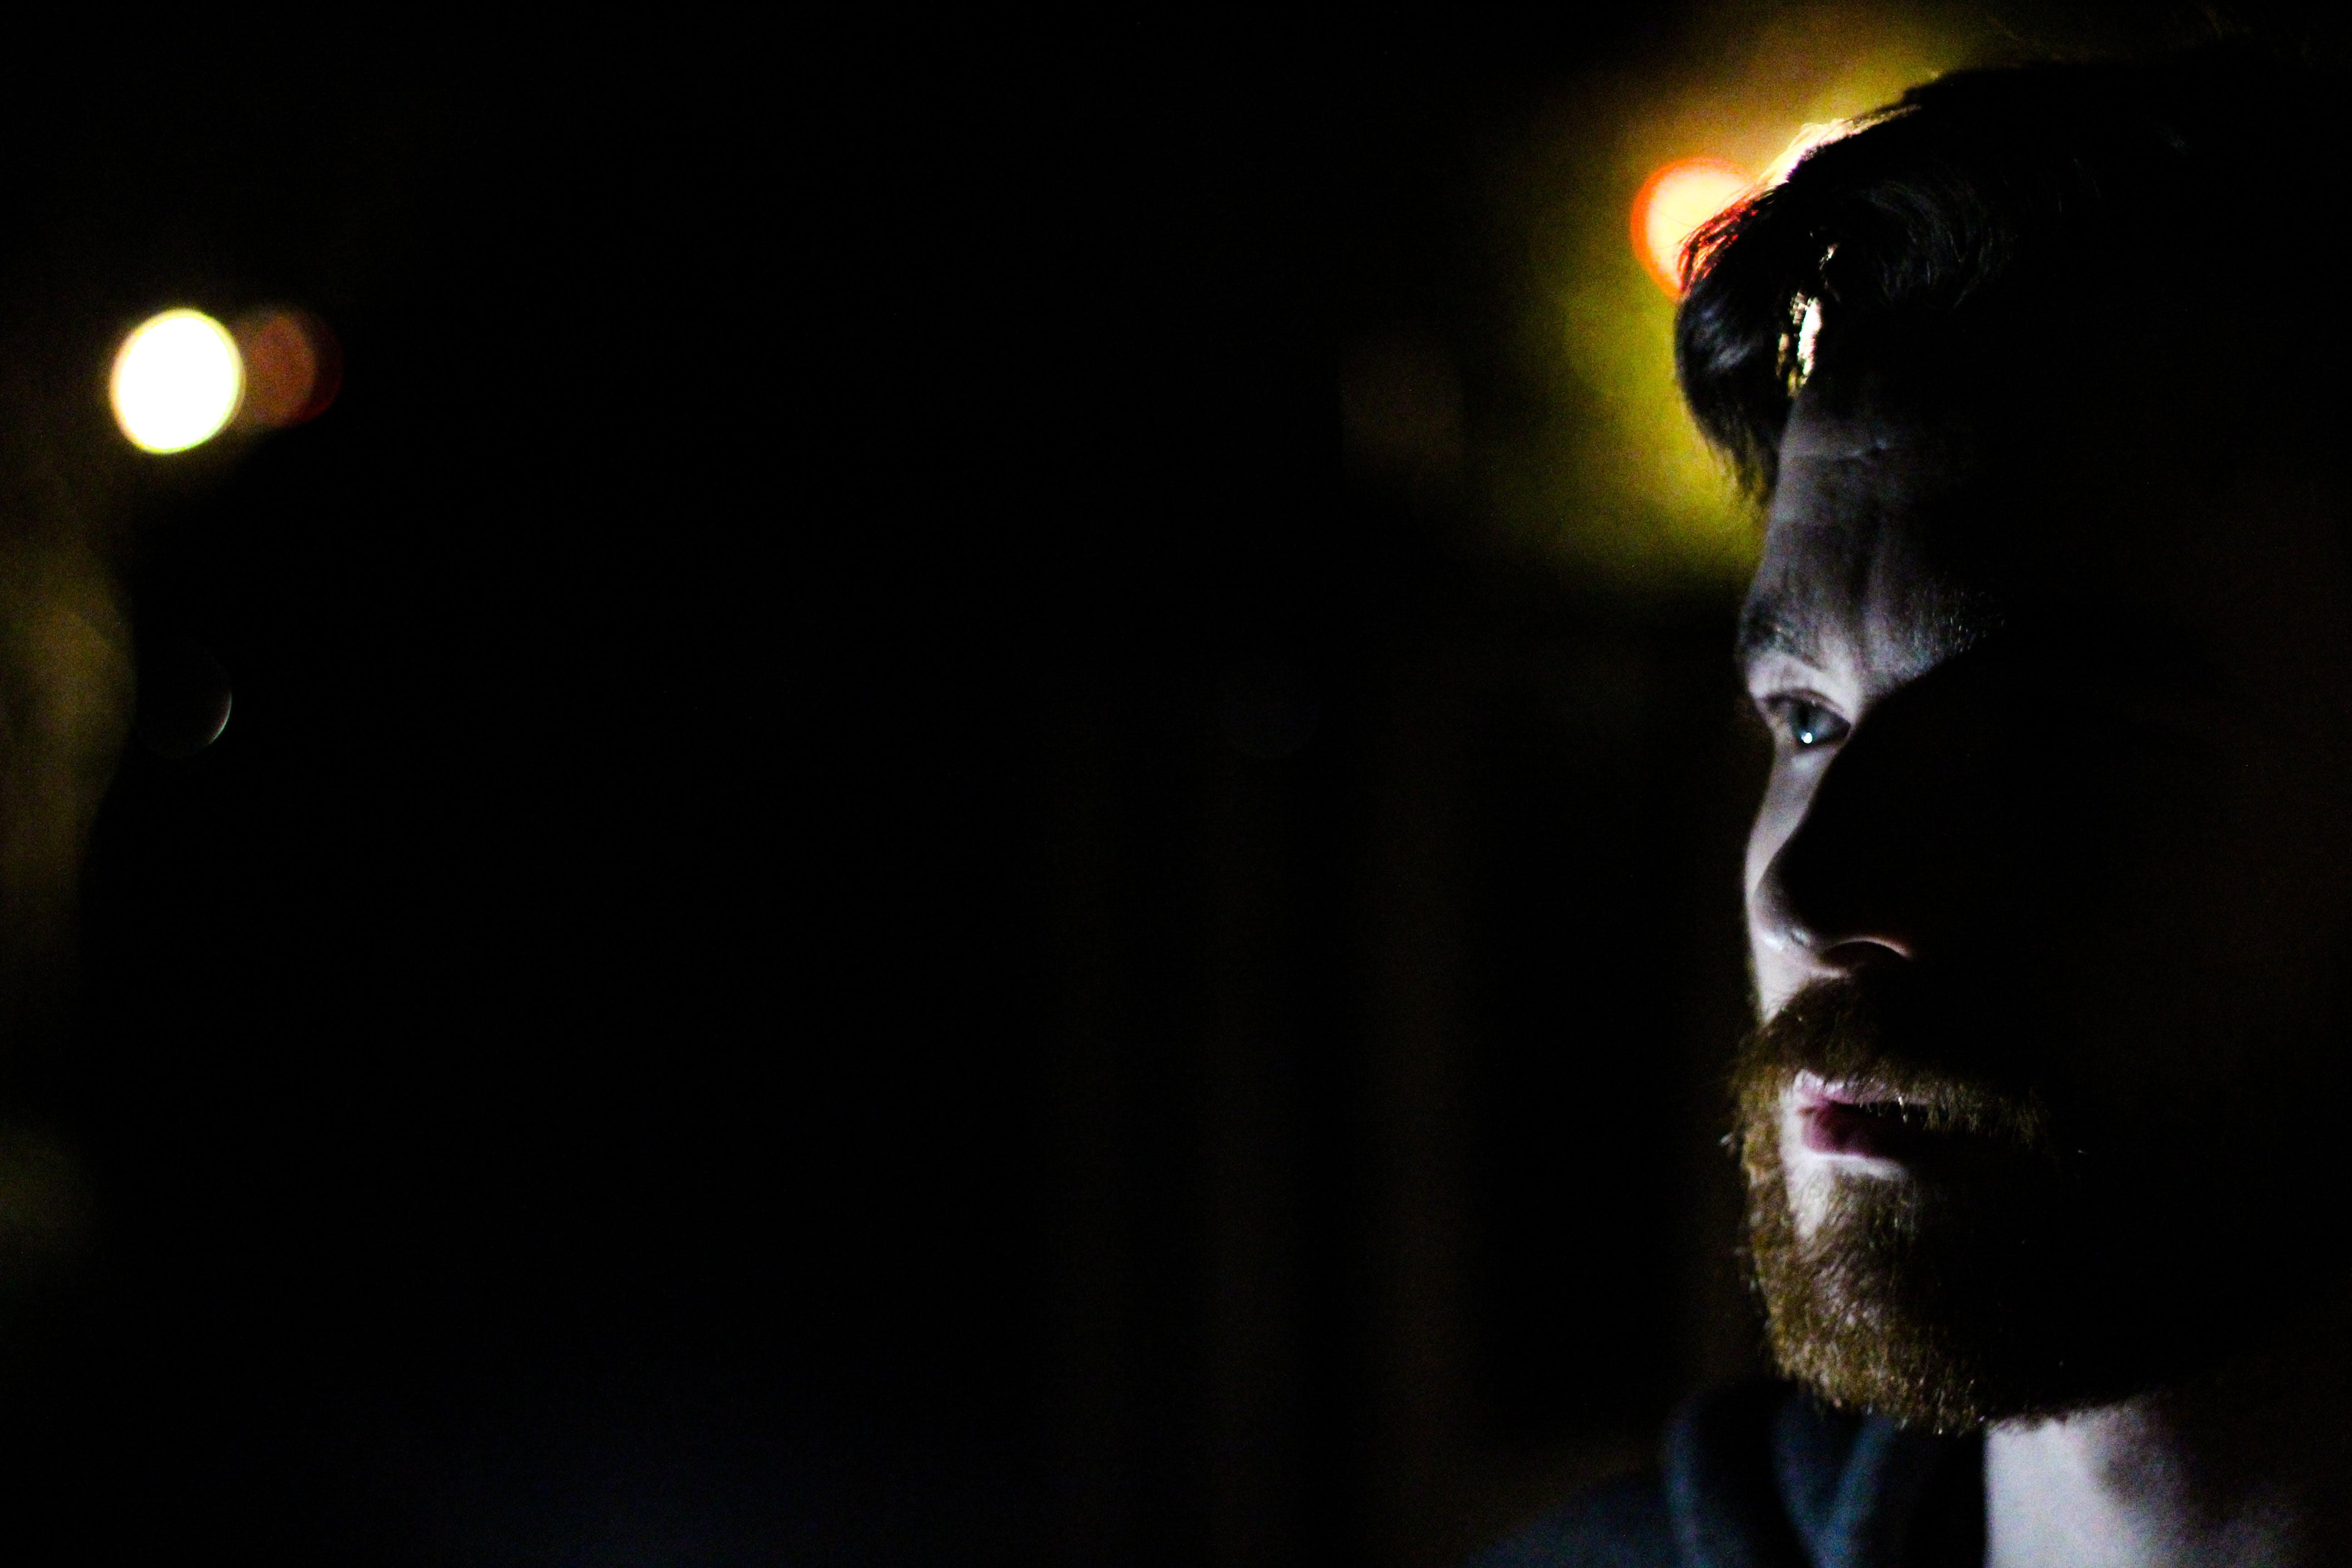 açık, adam, arkadan aydınlatılmış, karanlık içeren Ücretsiz stok fotoğraf